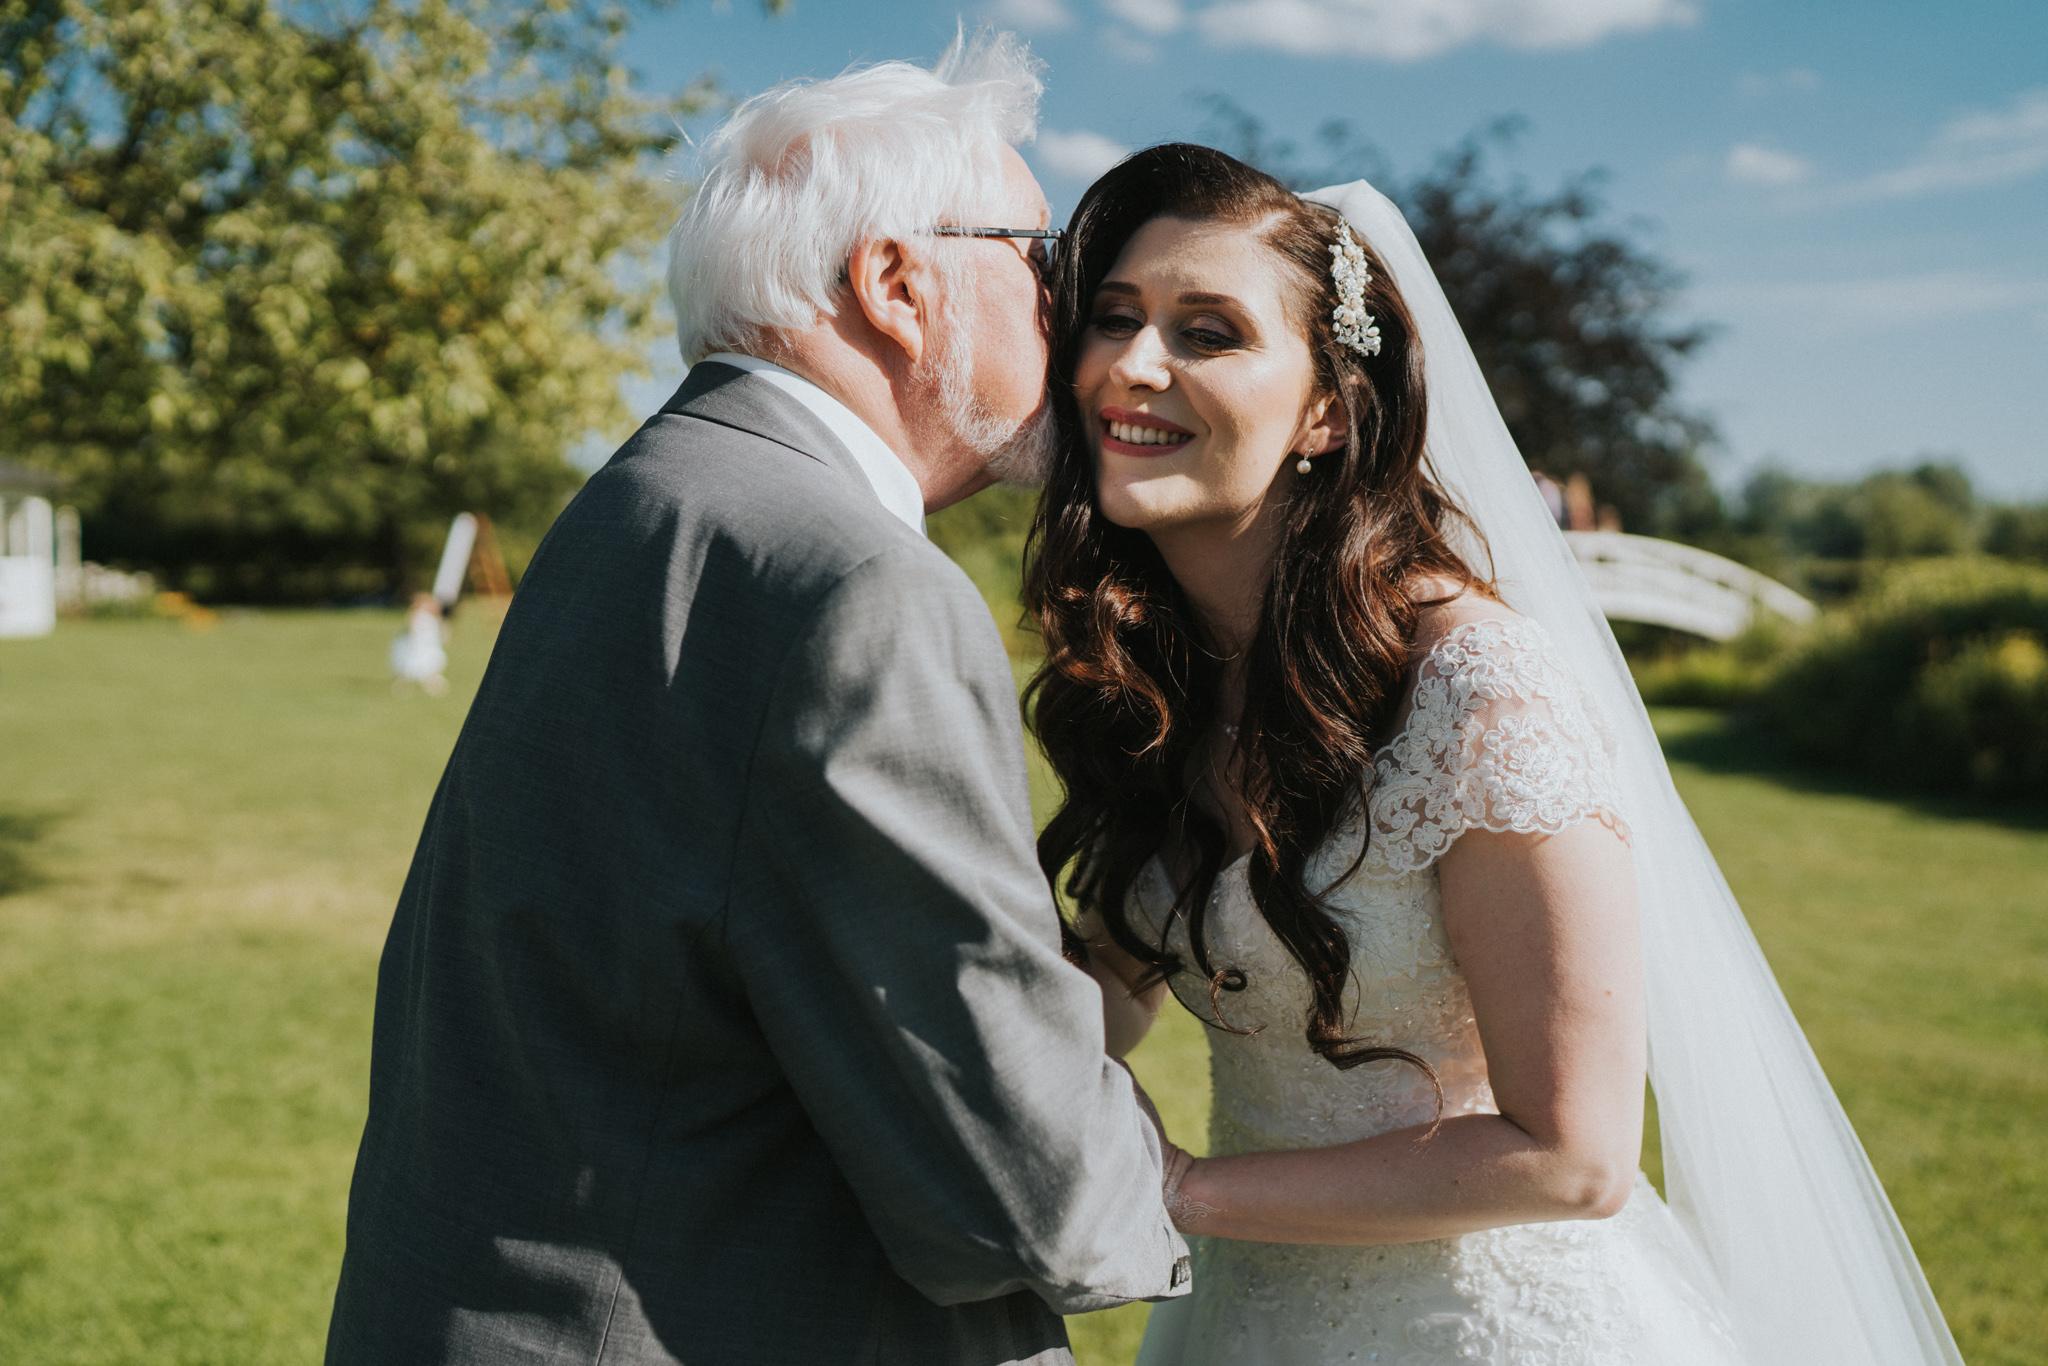 lizzie-faz-fennes-asian-fusion-wedding-grace-elizabeth-colchester-essex-alternative-wedding-lifestyle-photographer-essex-suffolk-norfolk-devon (38 of 55).jpg